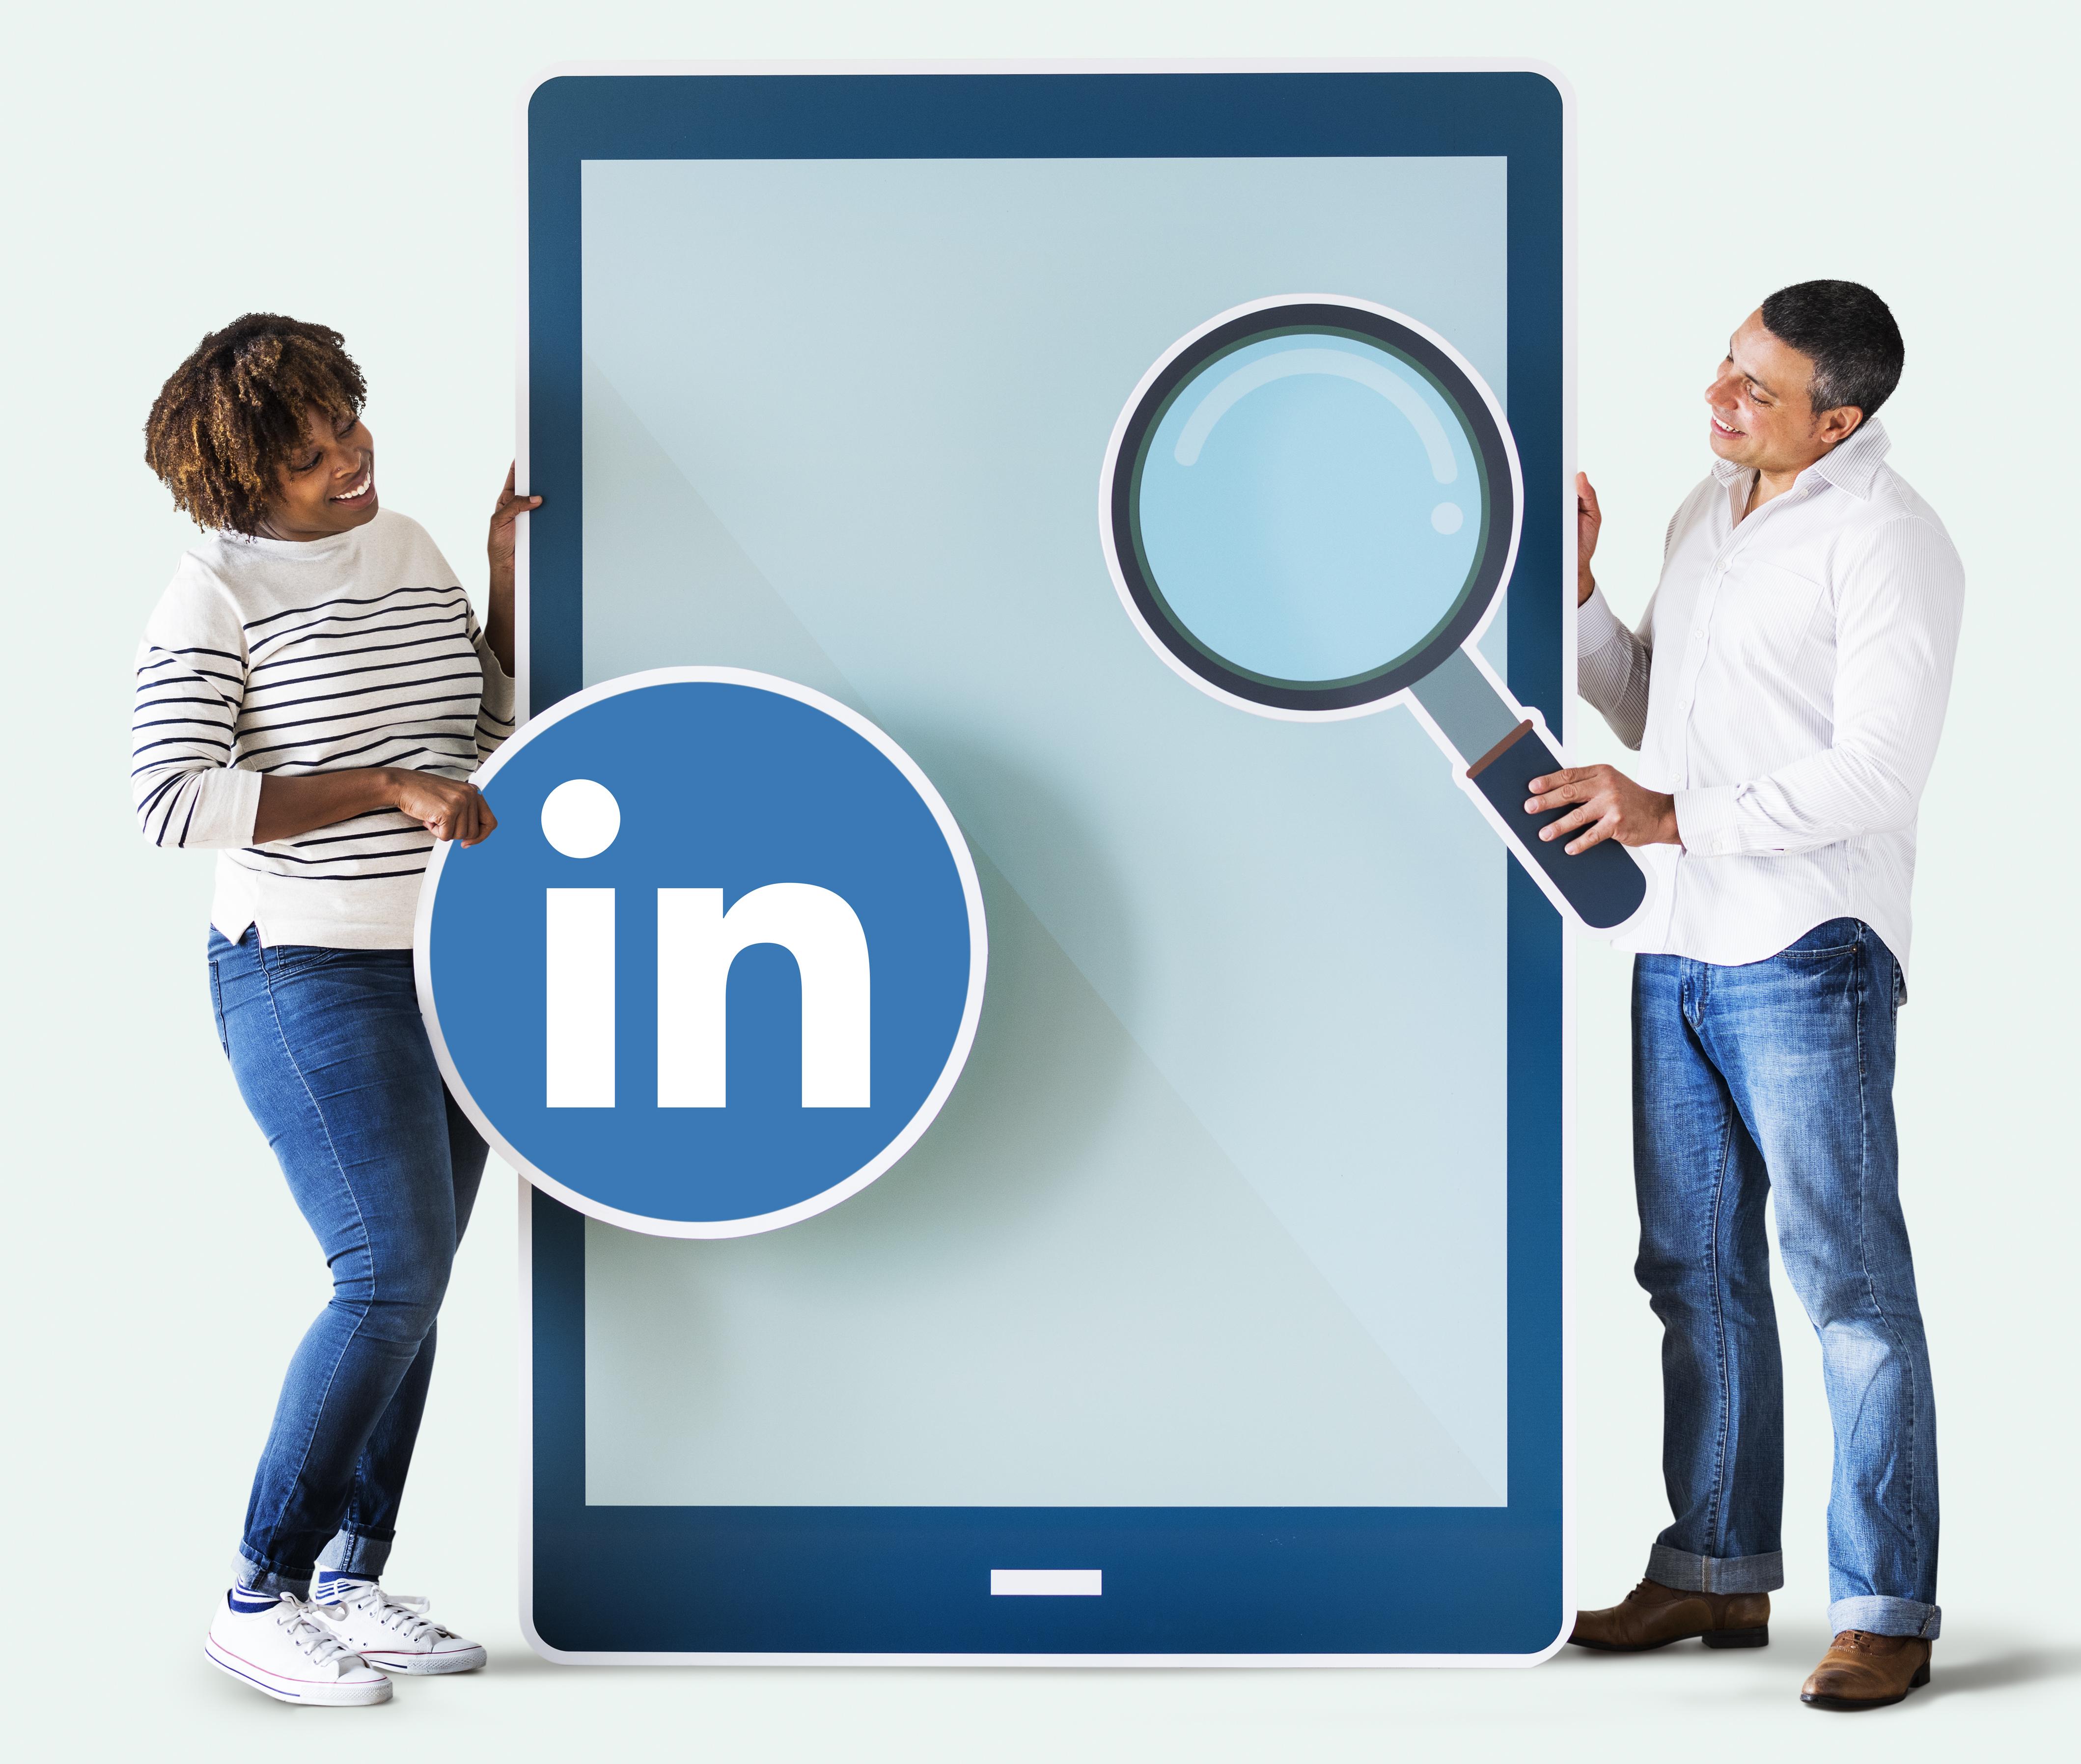 Deux personnes s'appuyant sur une tablete tactile et tenant le logo LinkedIn ainsi qu'une loupe.